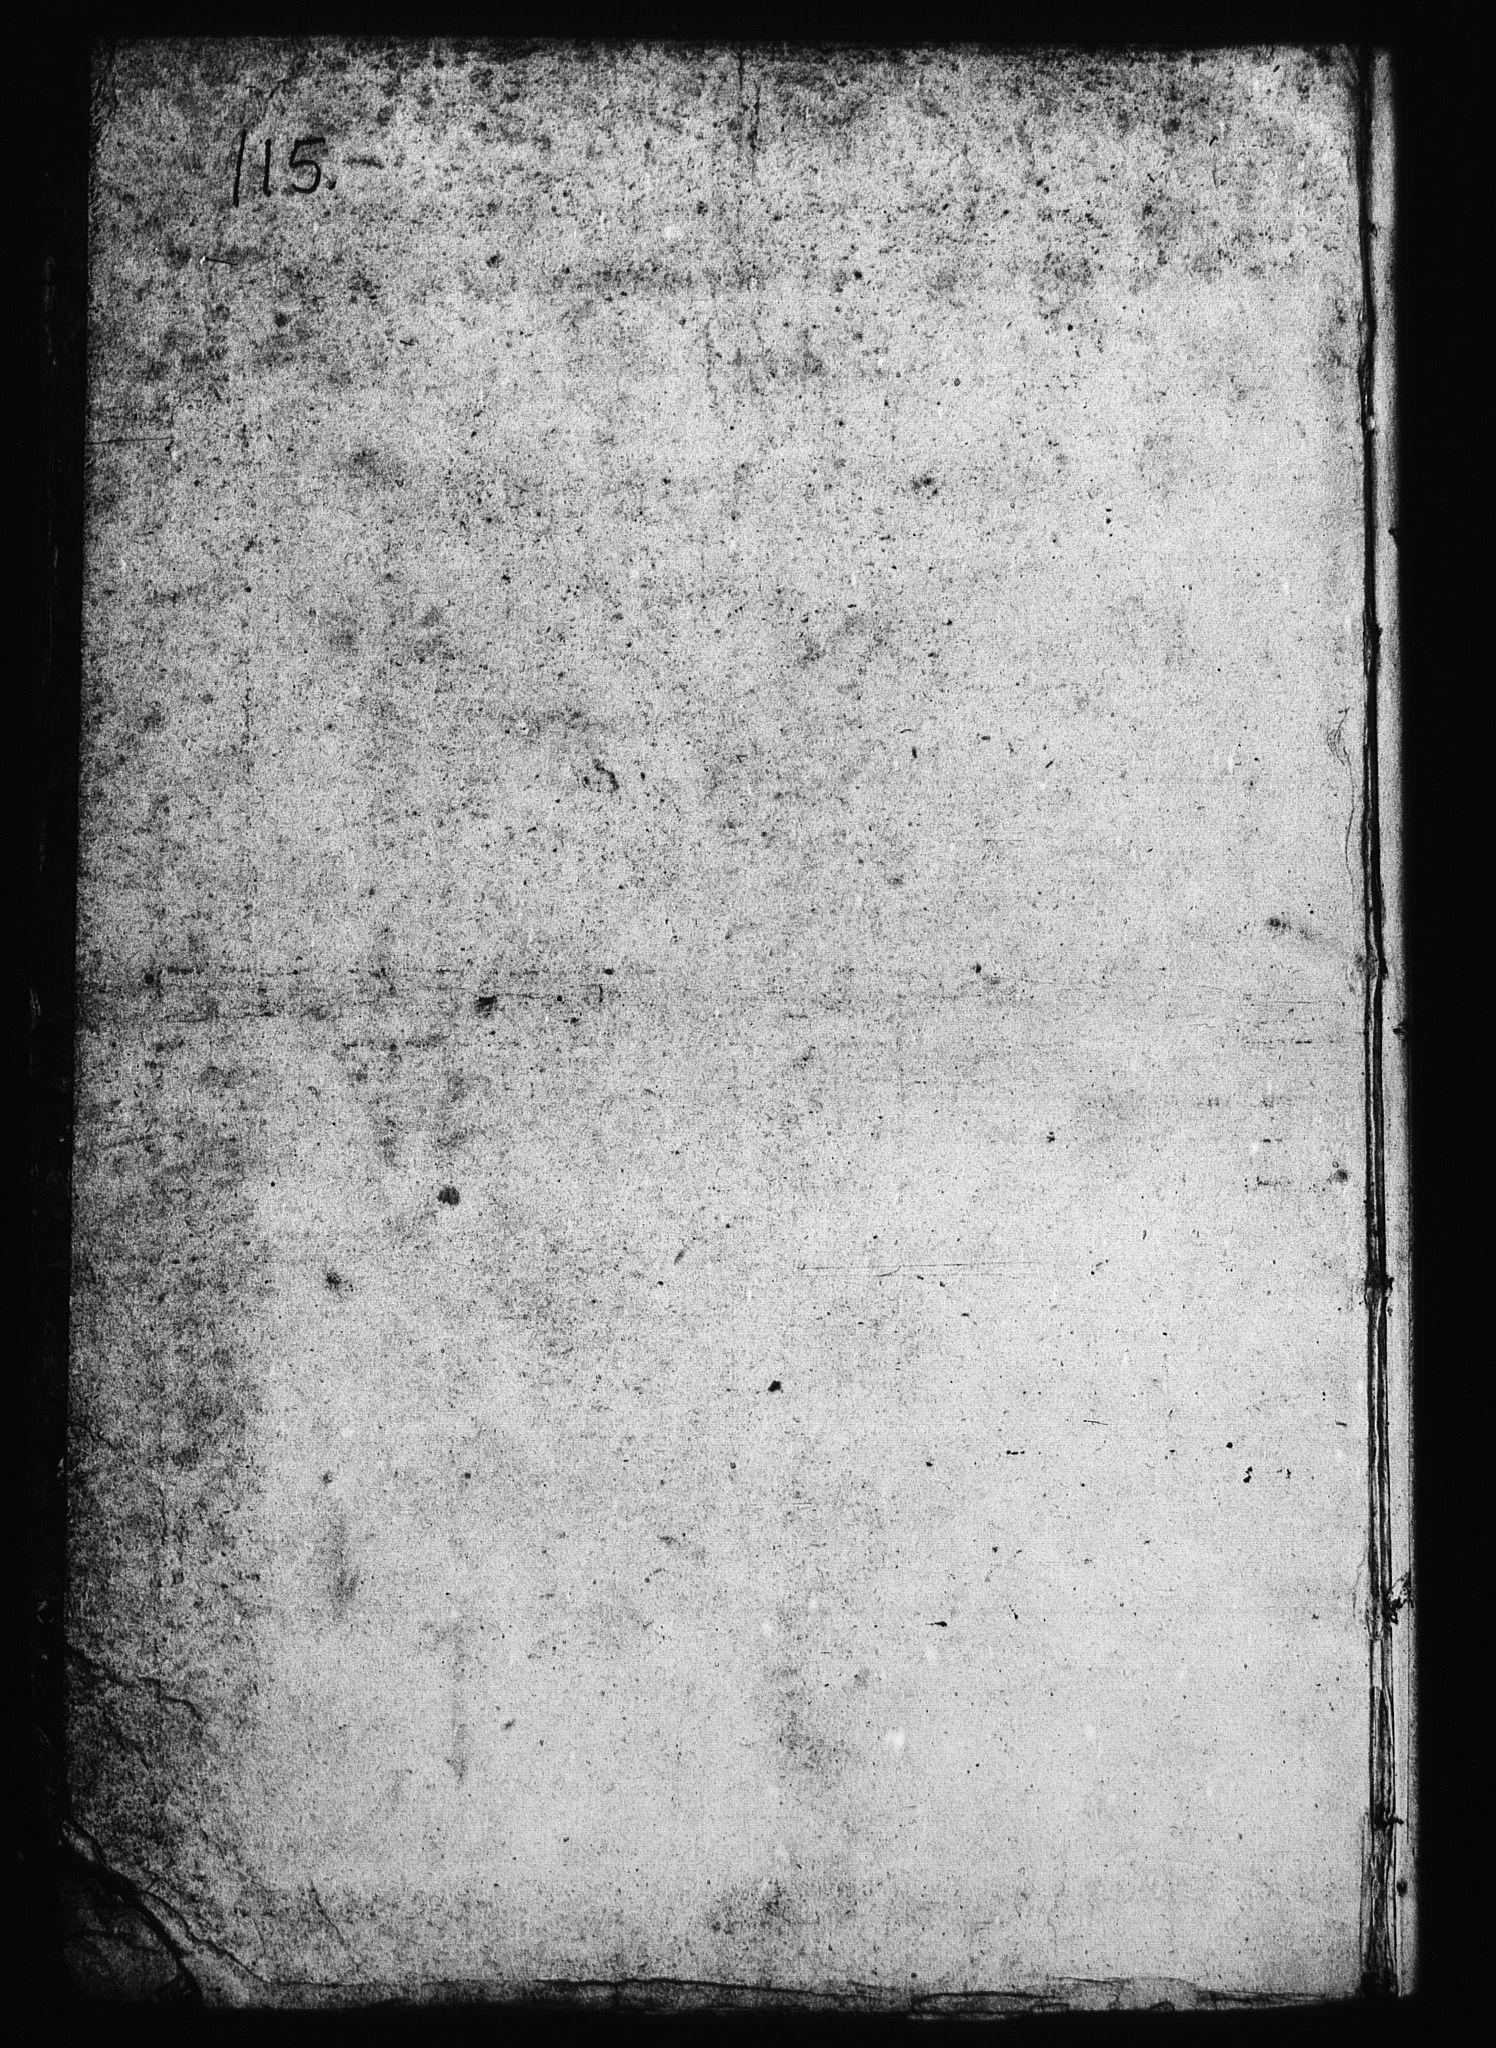 RA, Sjøetaten, F/L0116: Bragernes distrikt, bind 2, 1795